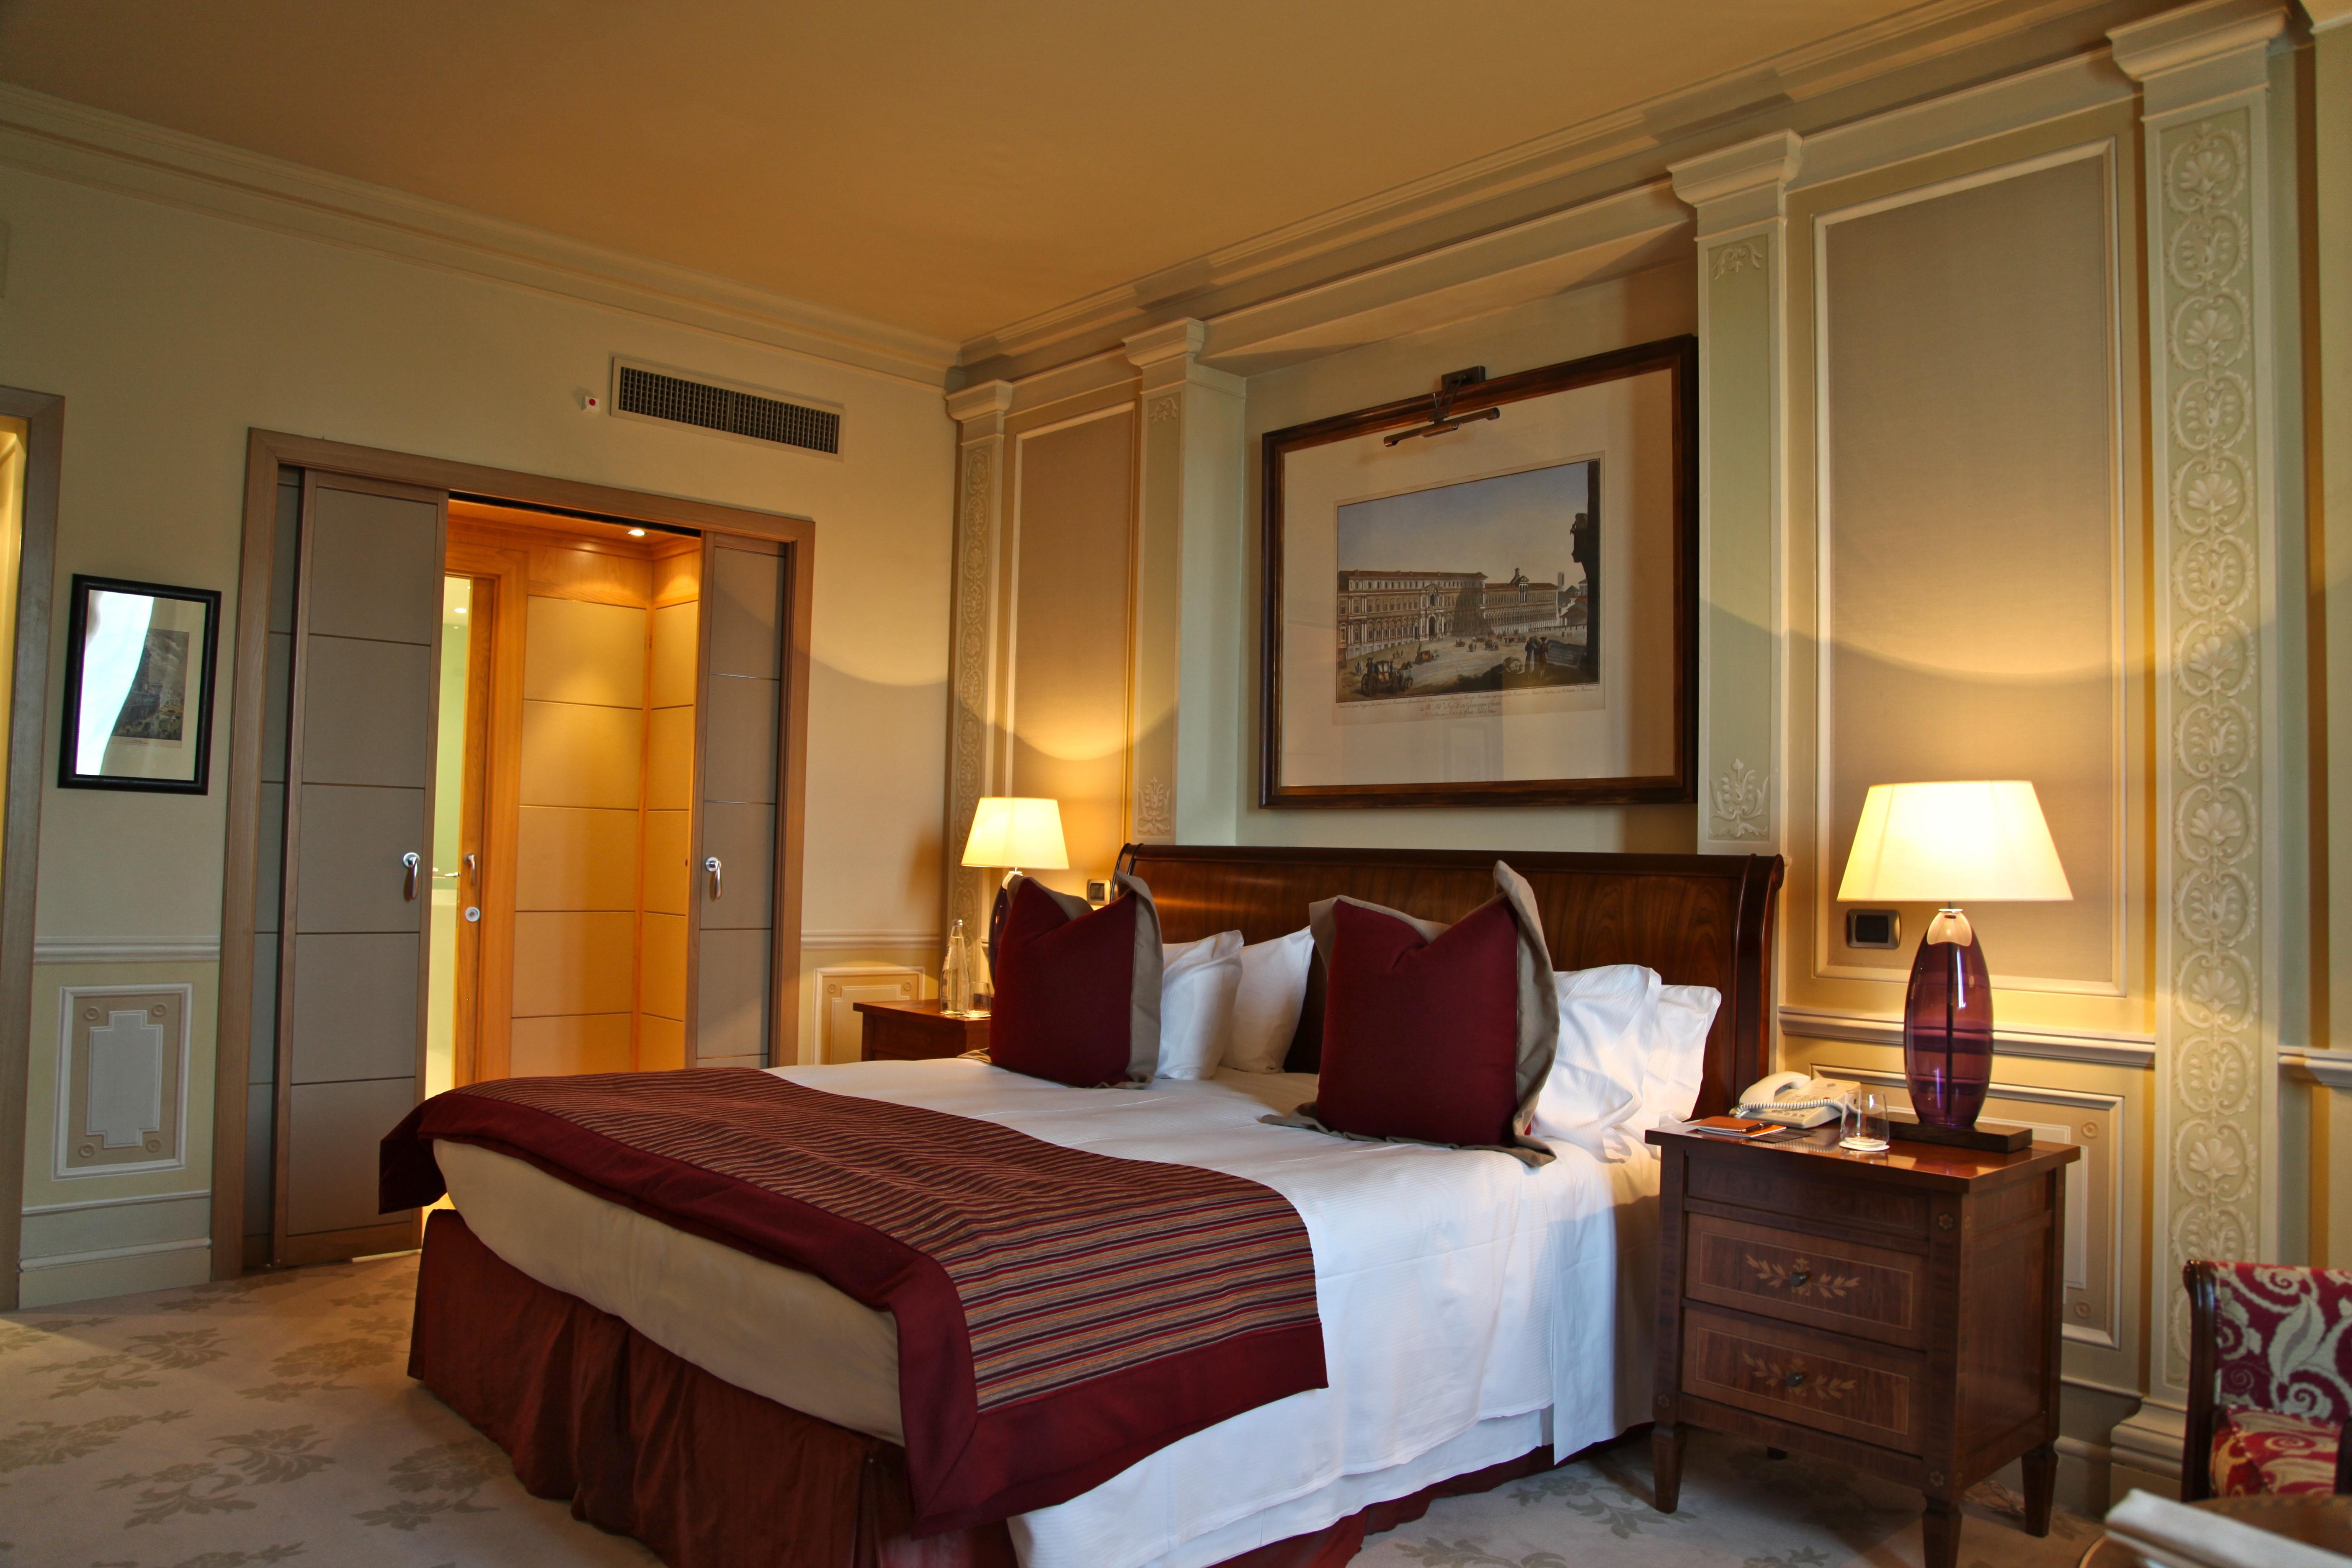 Principe di savoia milan silencio hotel luxe chambre   silencio